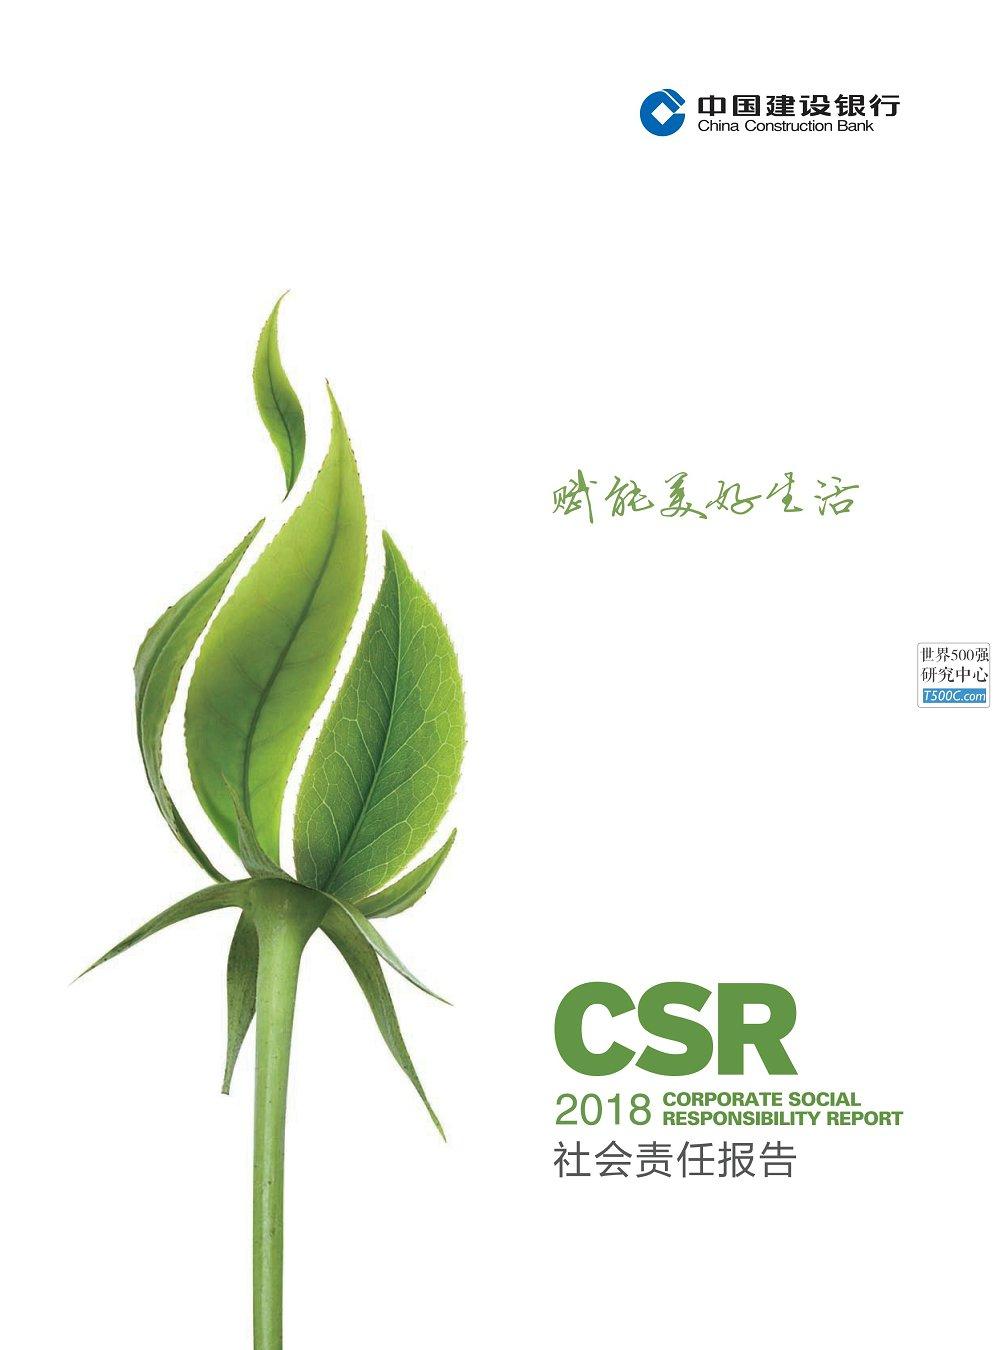 中国建设银行_企业社会责任报告CSR_2018